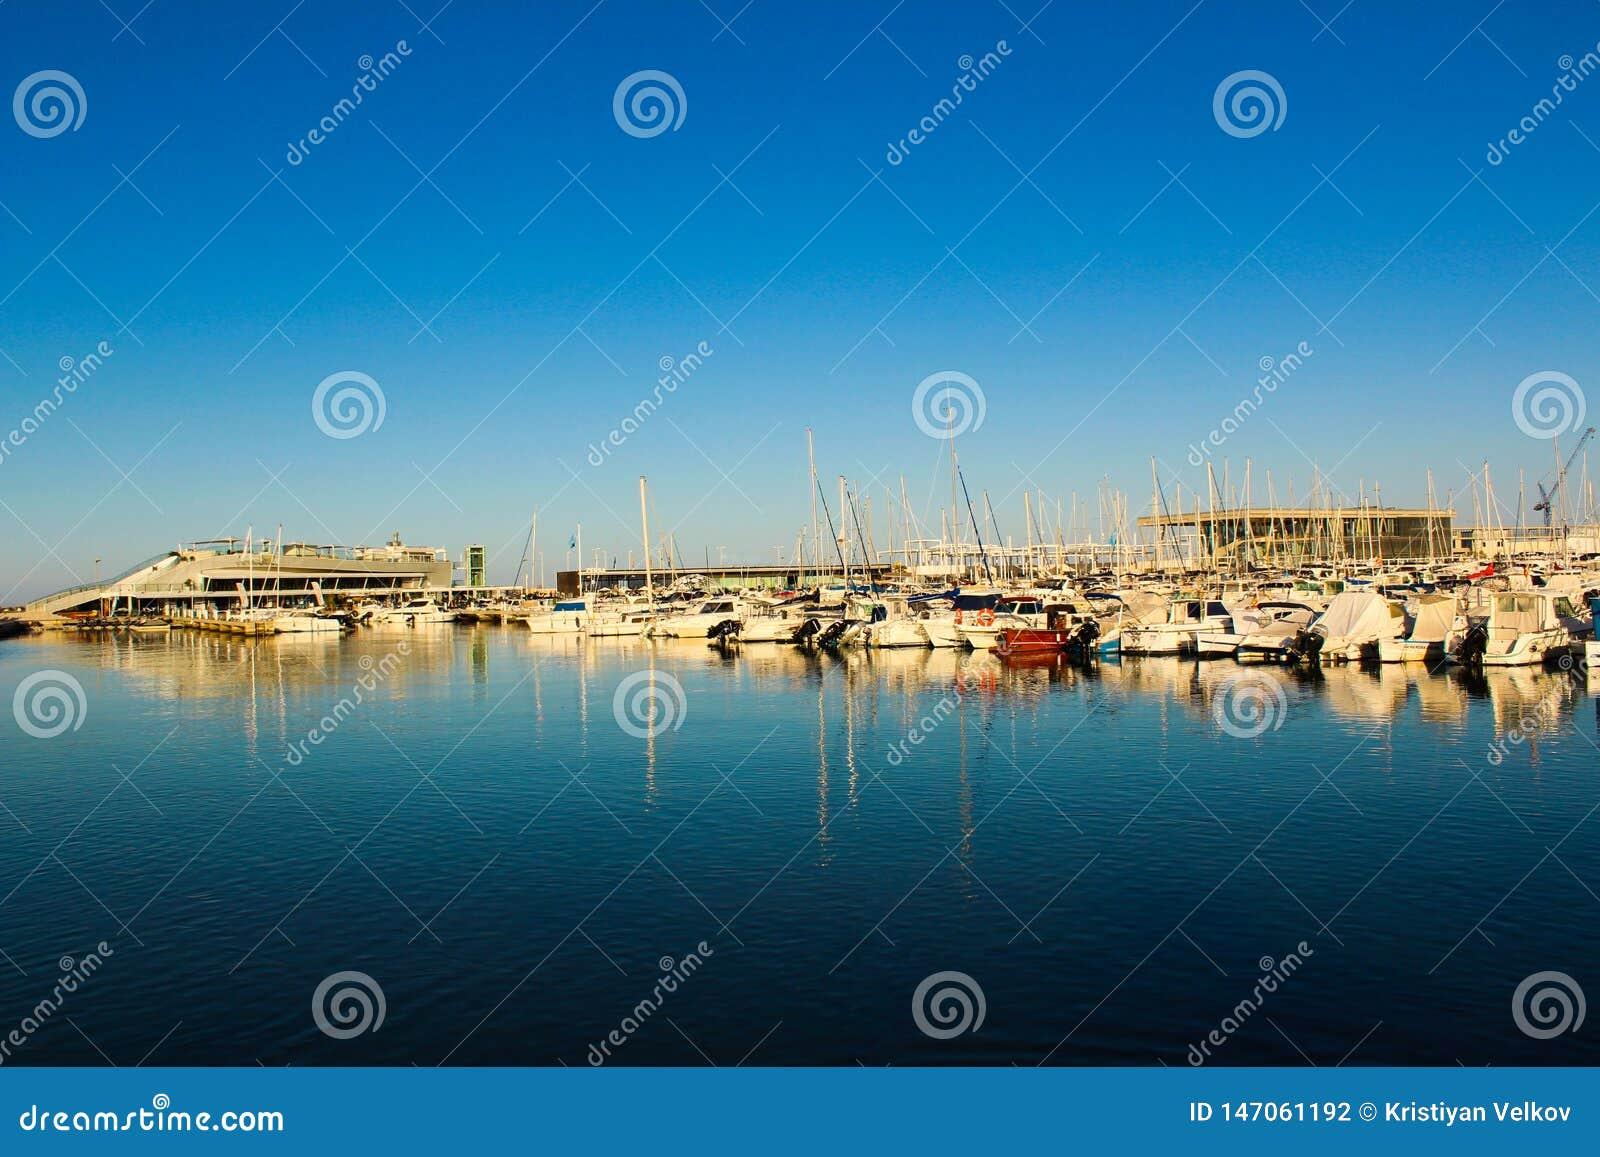 Él puerto de Denia de España